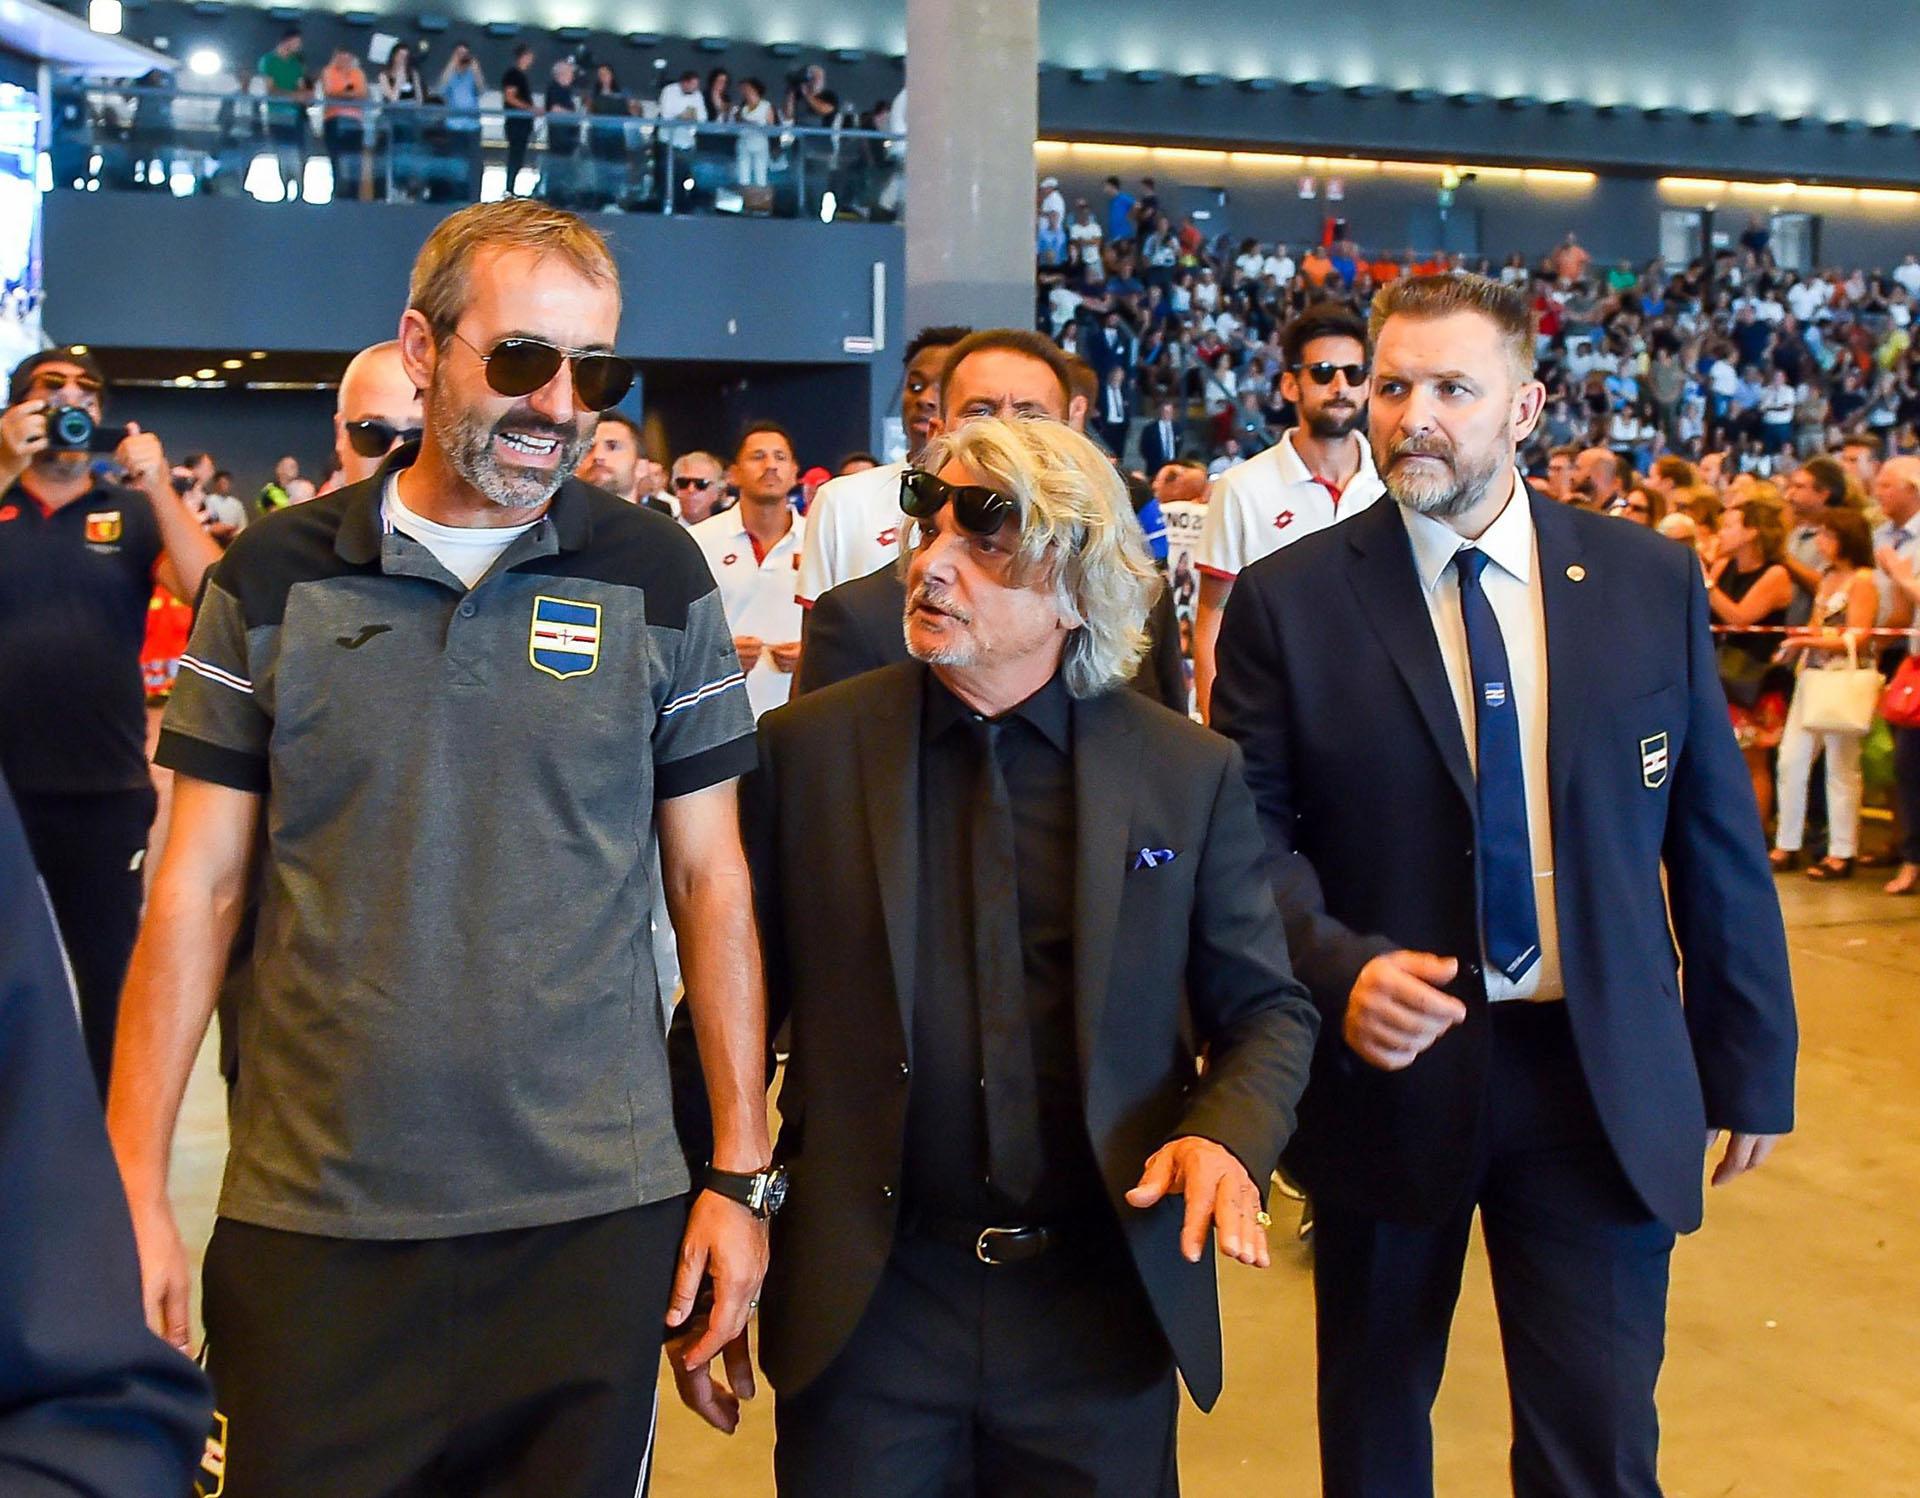 Los partidos del Sampdoria y del Genoa fueron postergados (Simone Arveda/ANSA via AP)